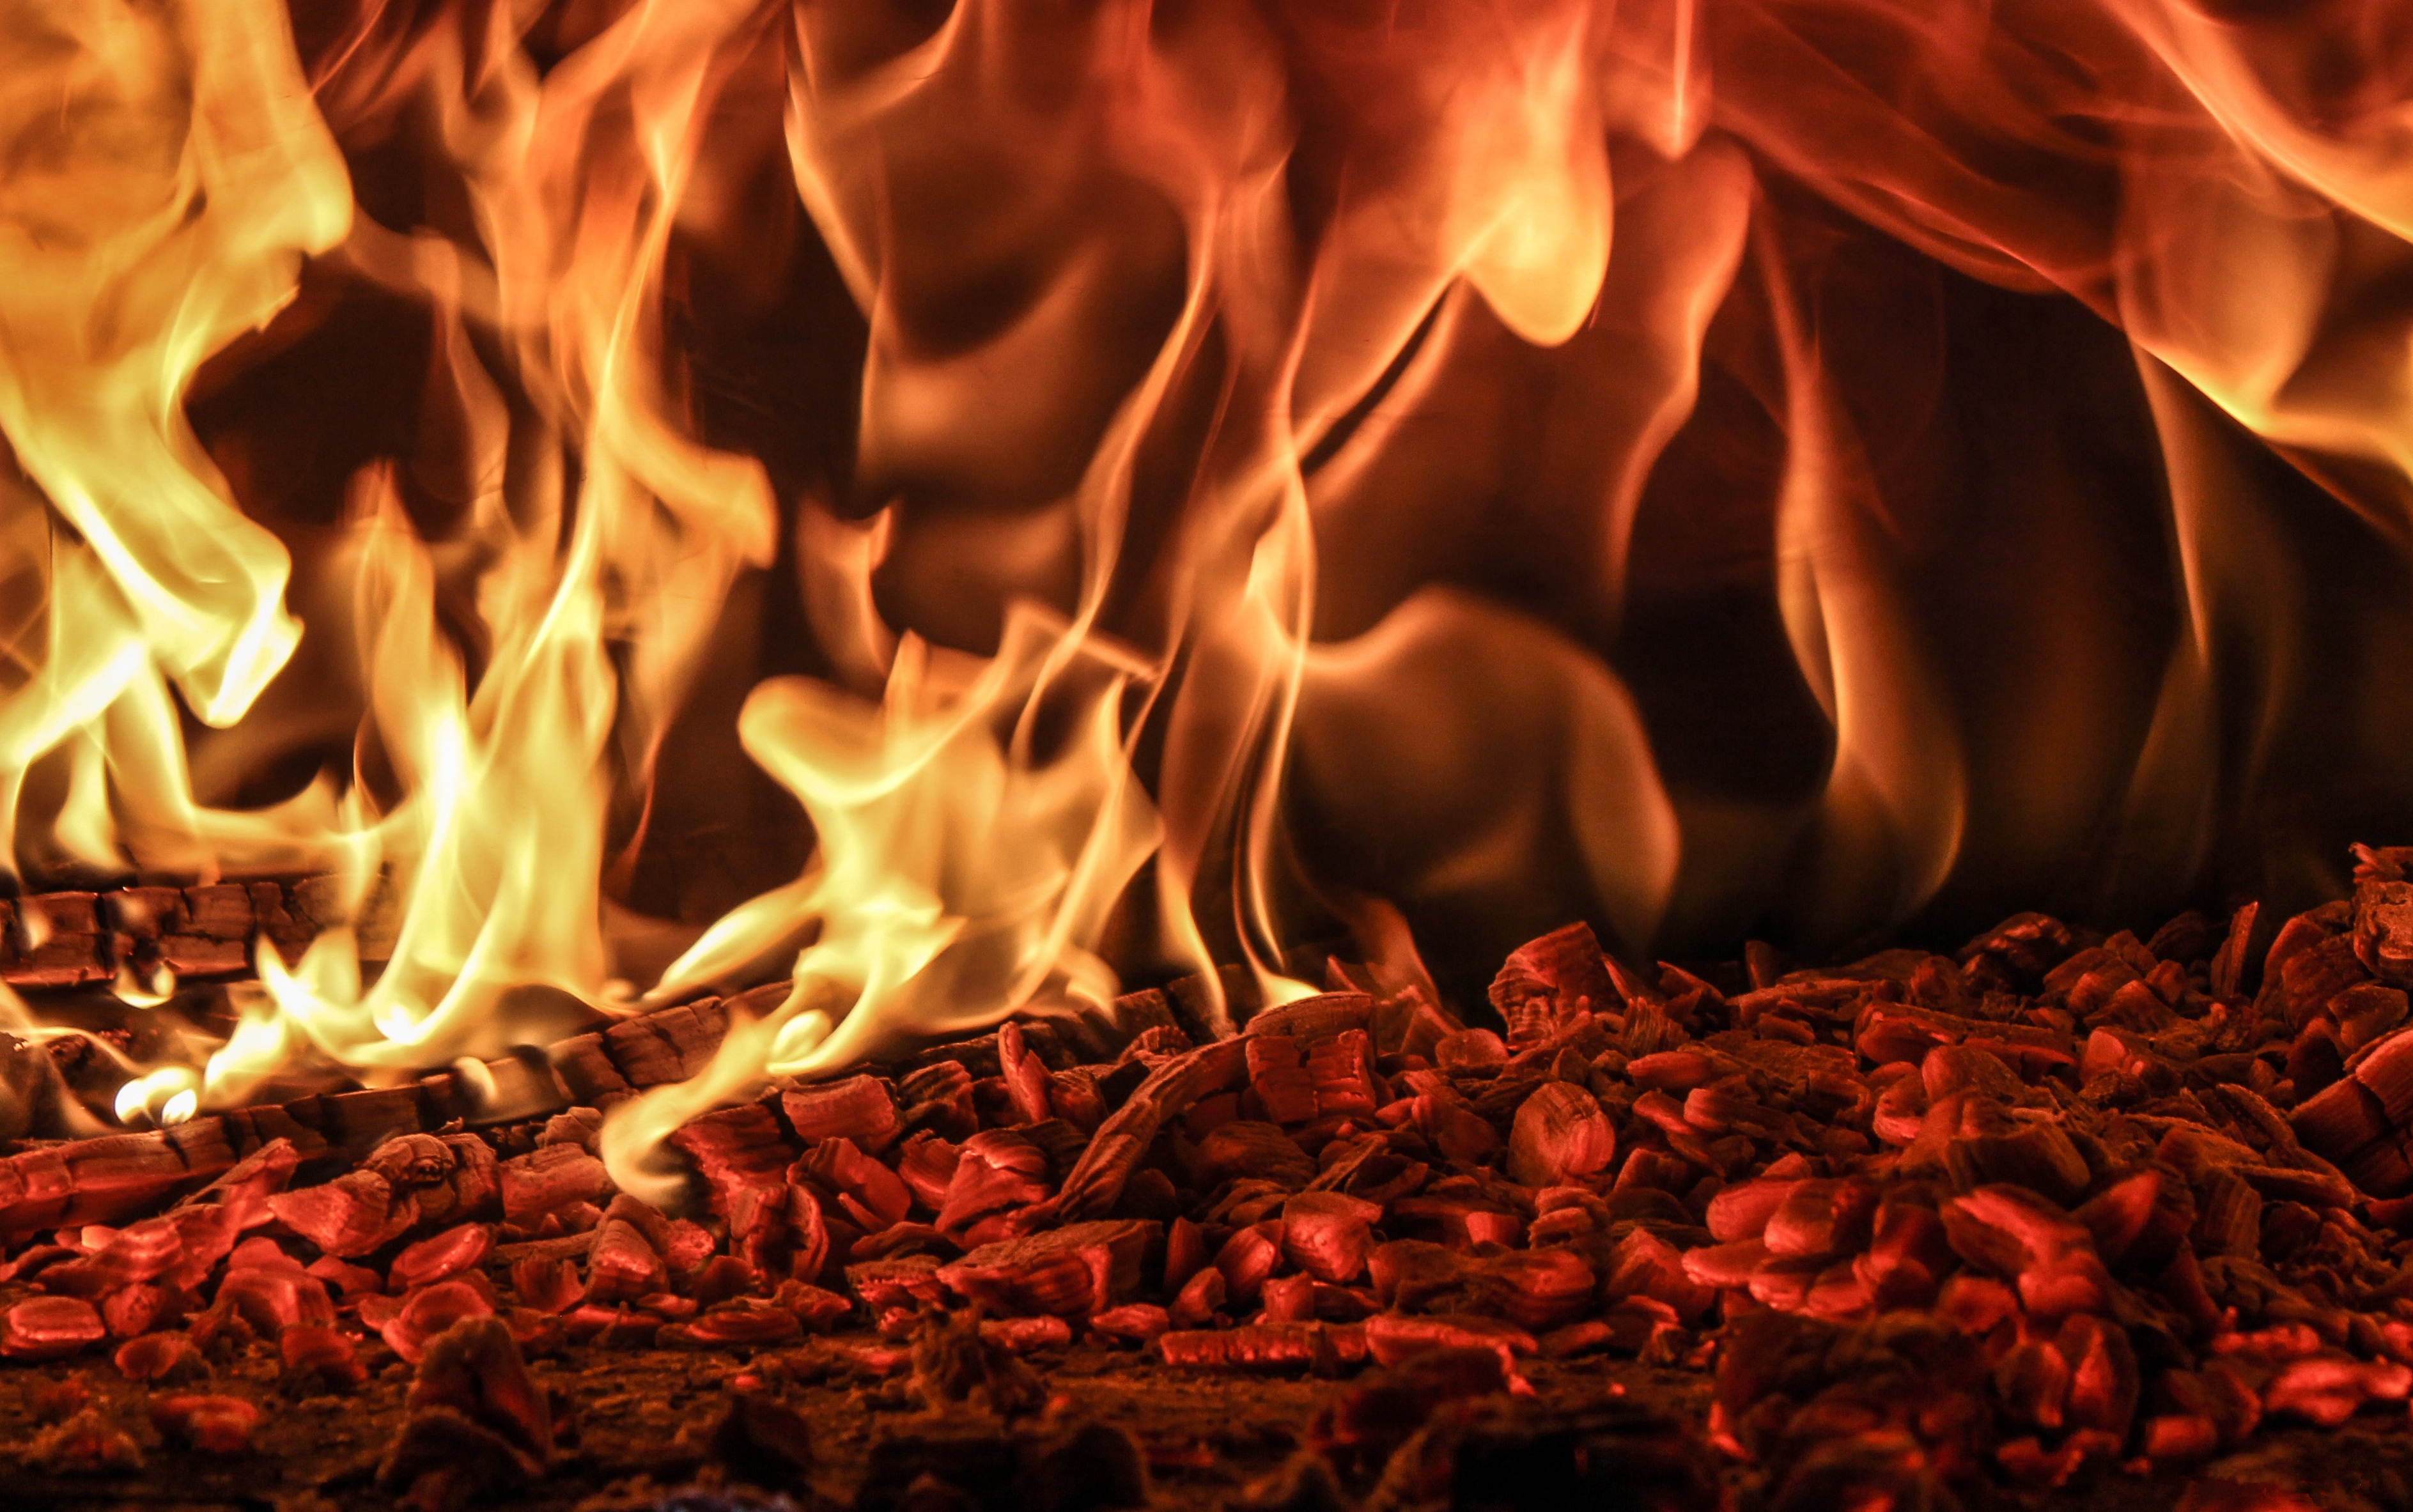 двух картинка огня в высоком качестве людей, выбравших своей